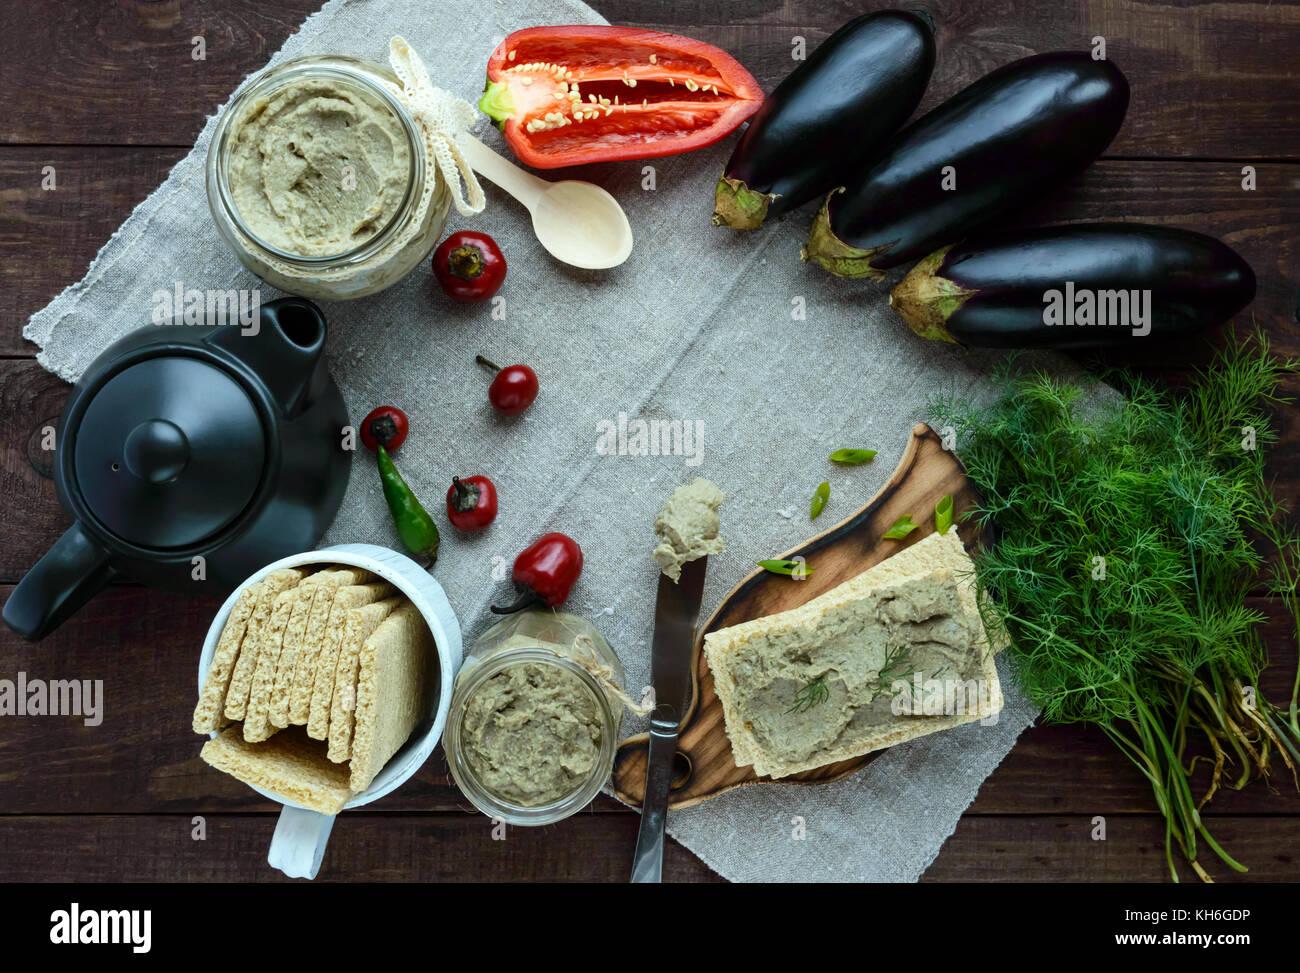 Dolci di pasta, pasta da la melanzana. Piatto dietetico. mettere su un croccante di dieta ipocalorica pane fitness. Immagini Stock